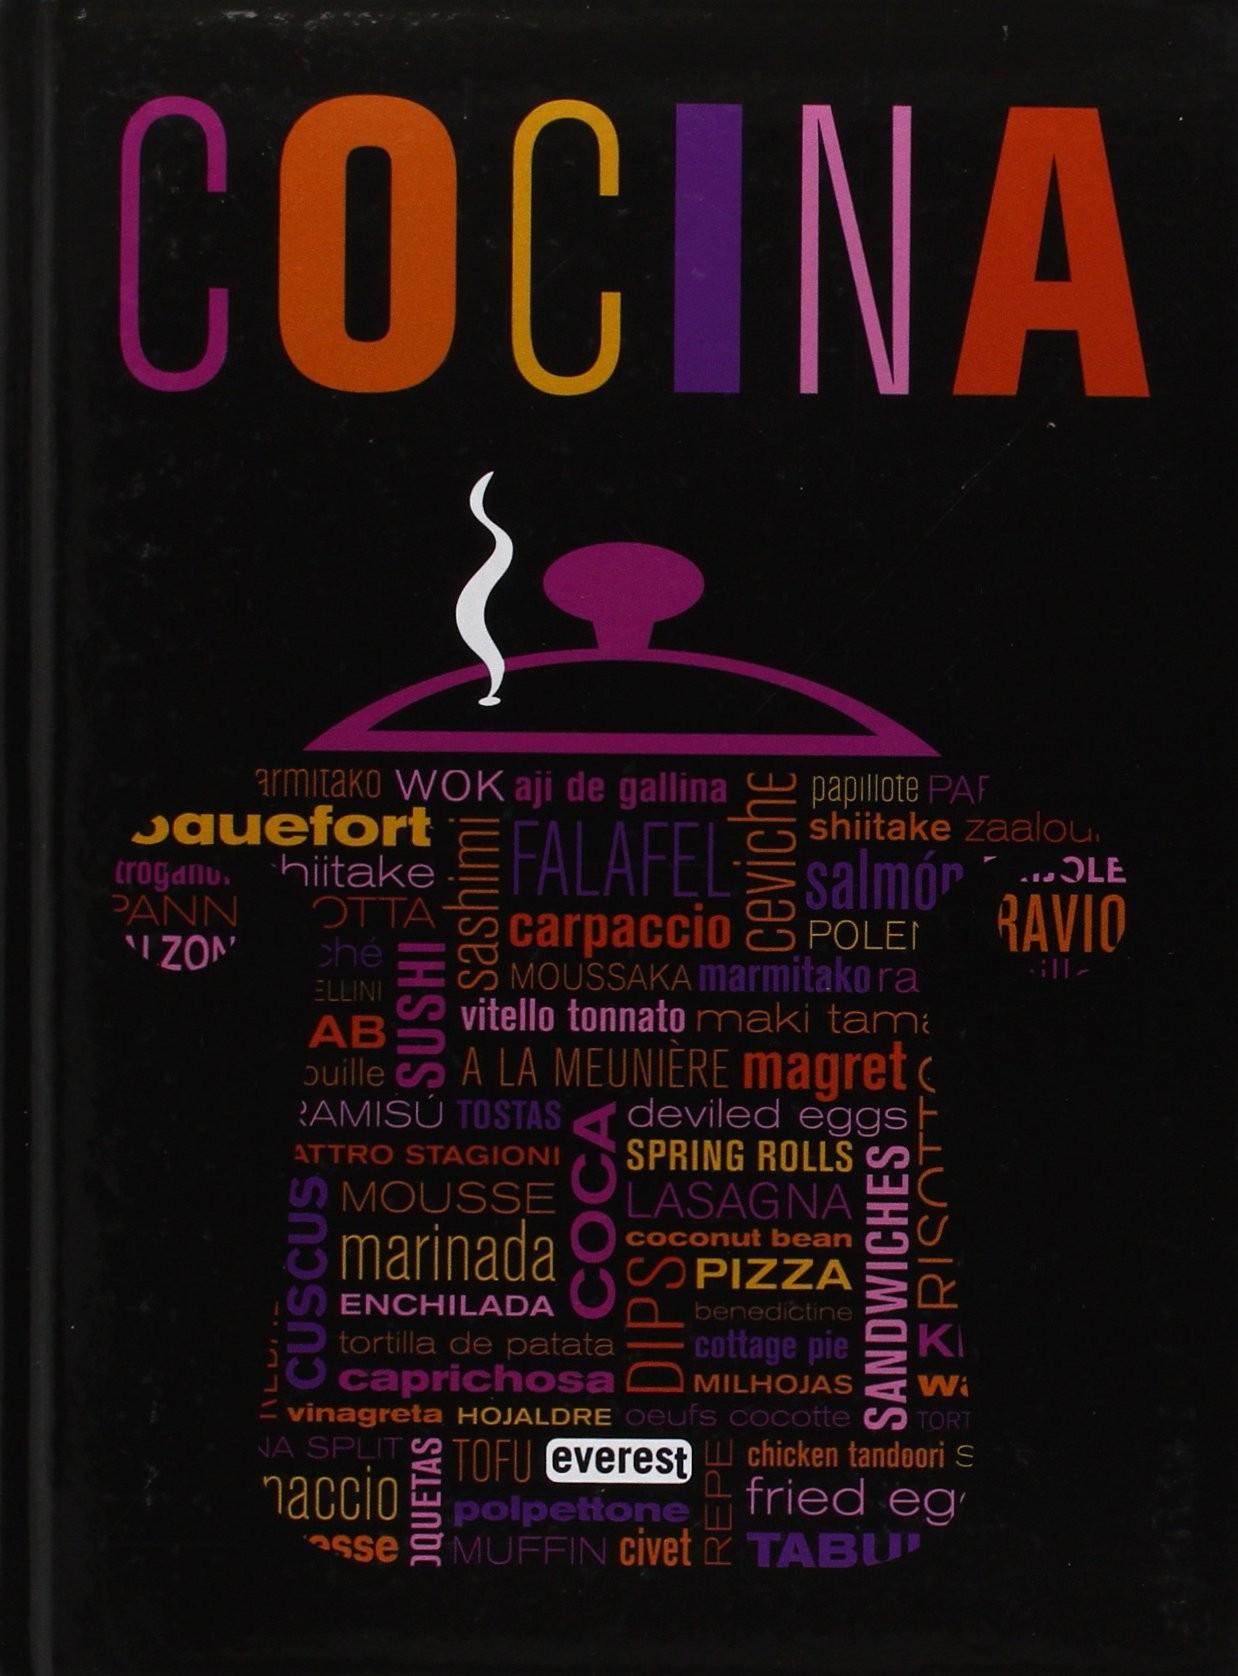 Cocina, un libro con más de 500 recetas internacionales